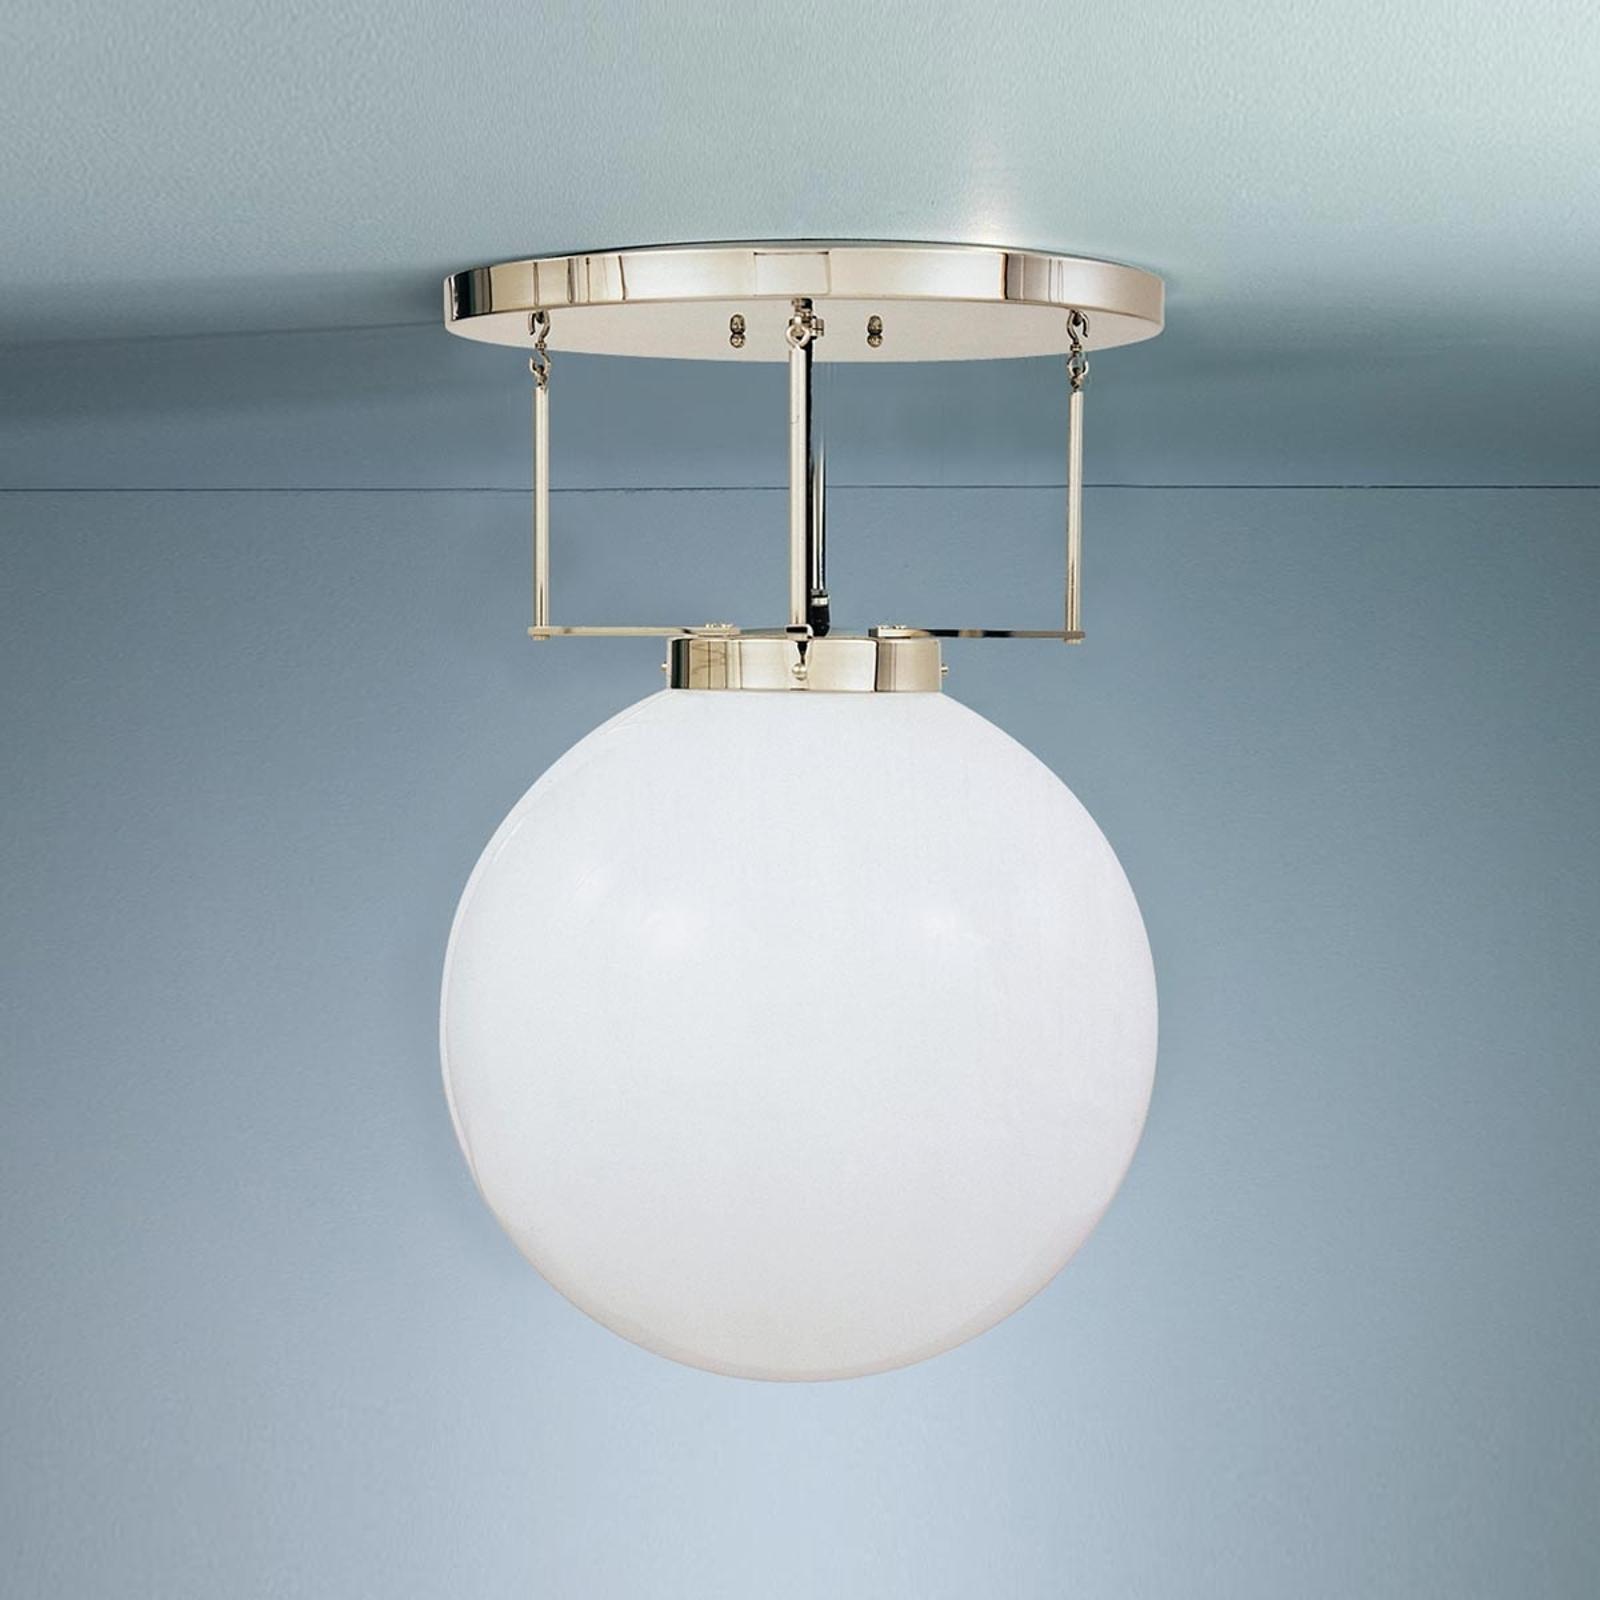 TECNOLUMEN DMB 26, stropní světlo, mosaz, 25 cm